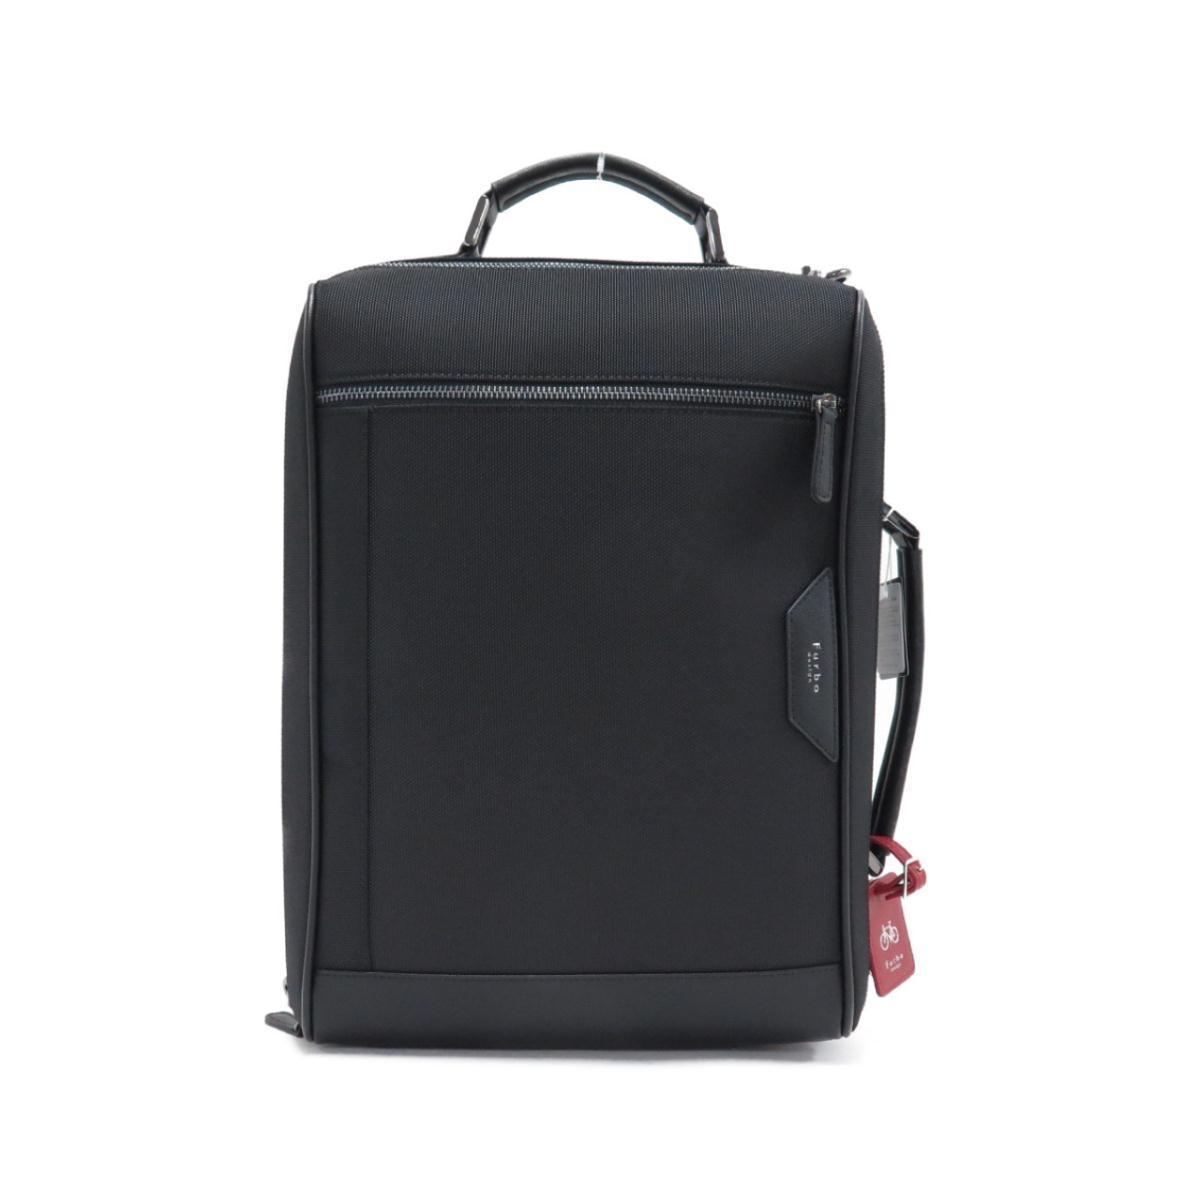 【新品】フルボデザイン バッグ FRB022【新品】